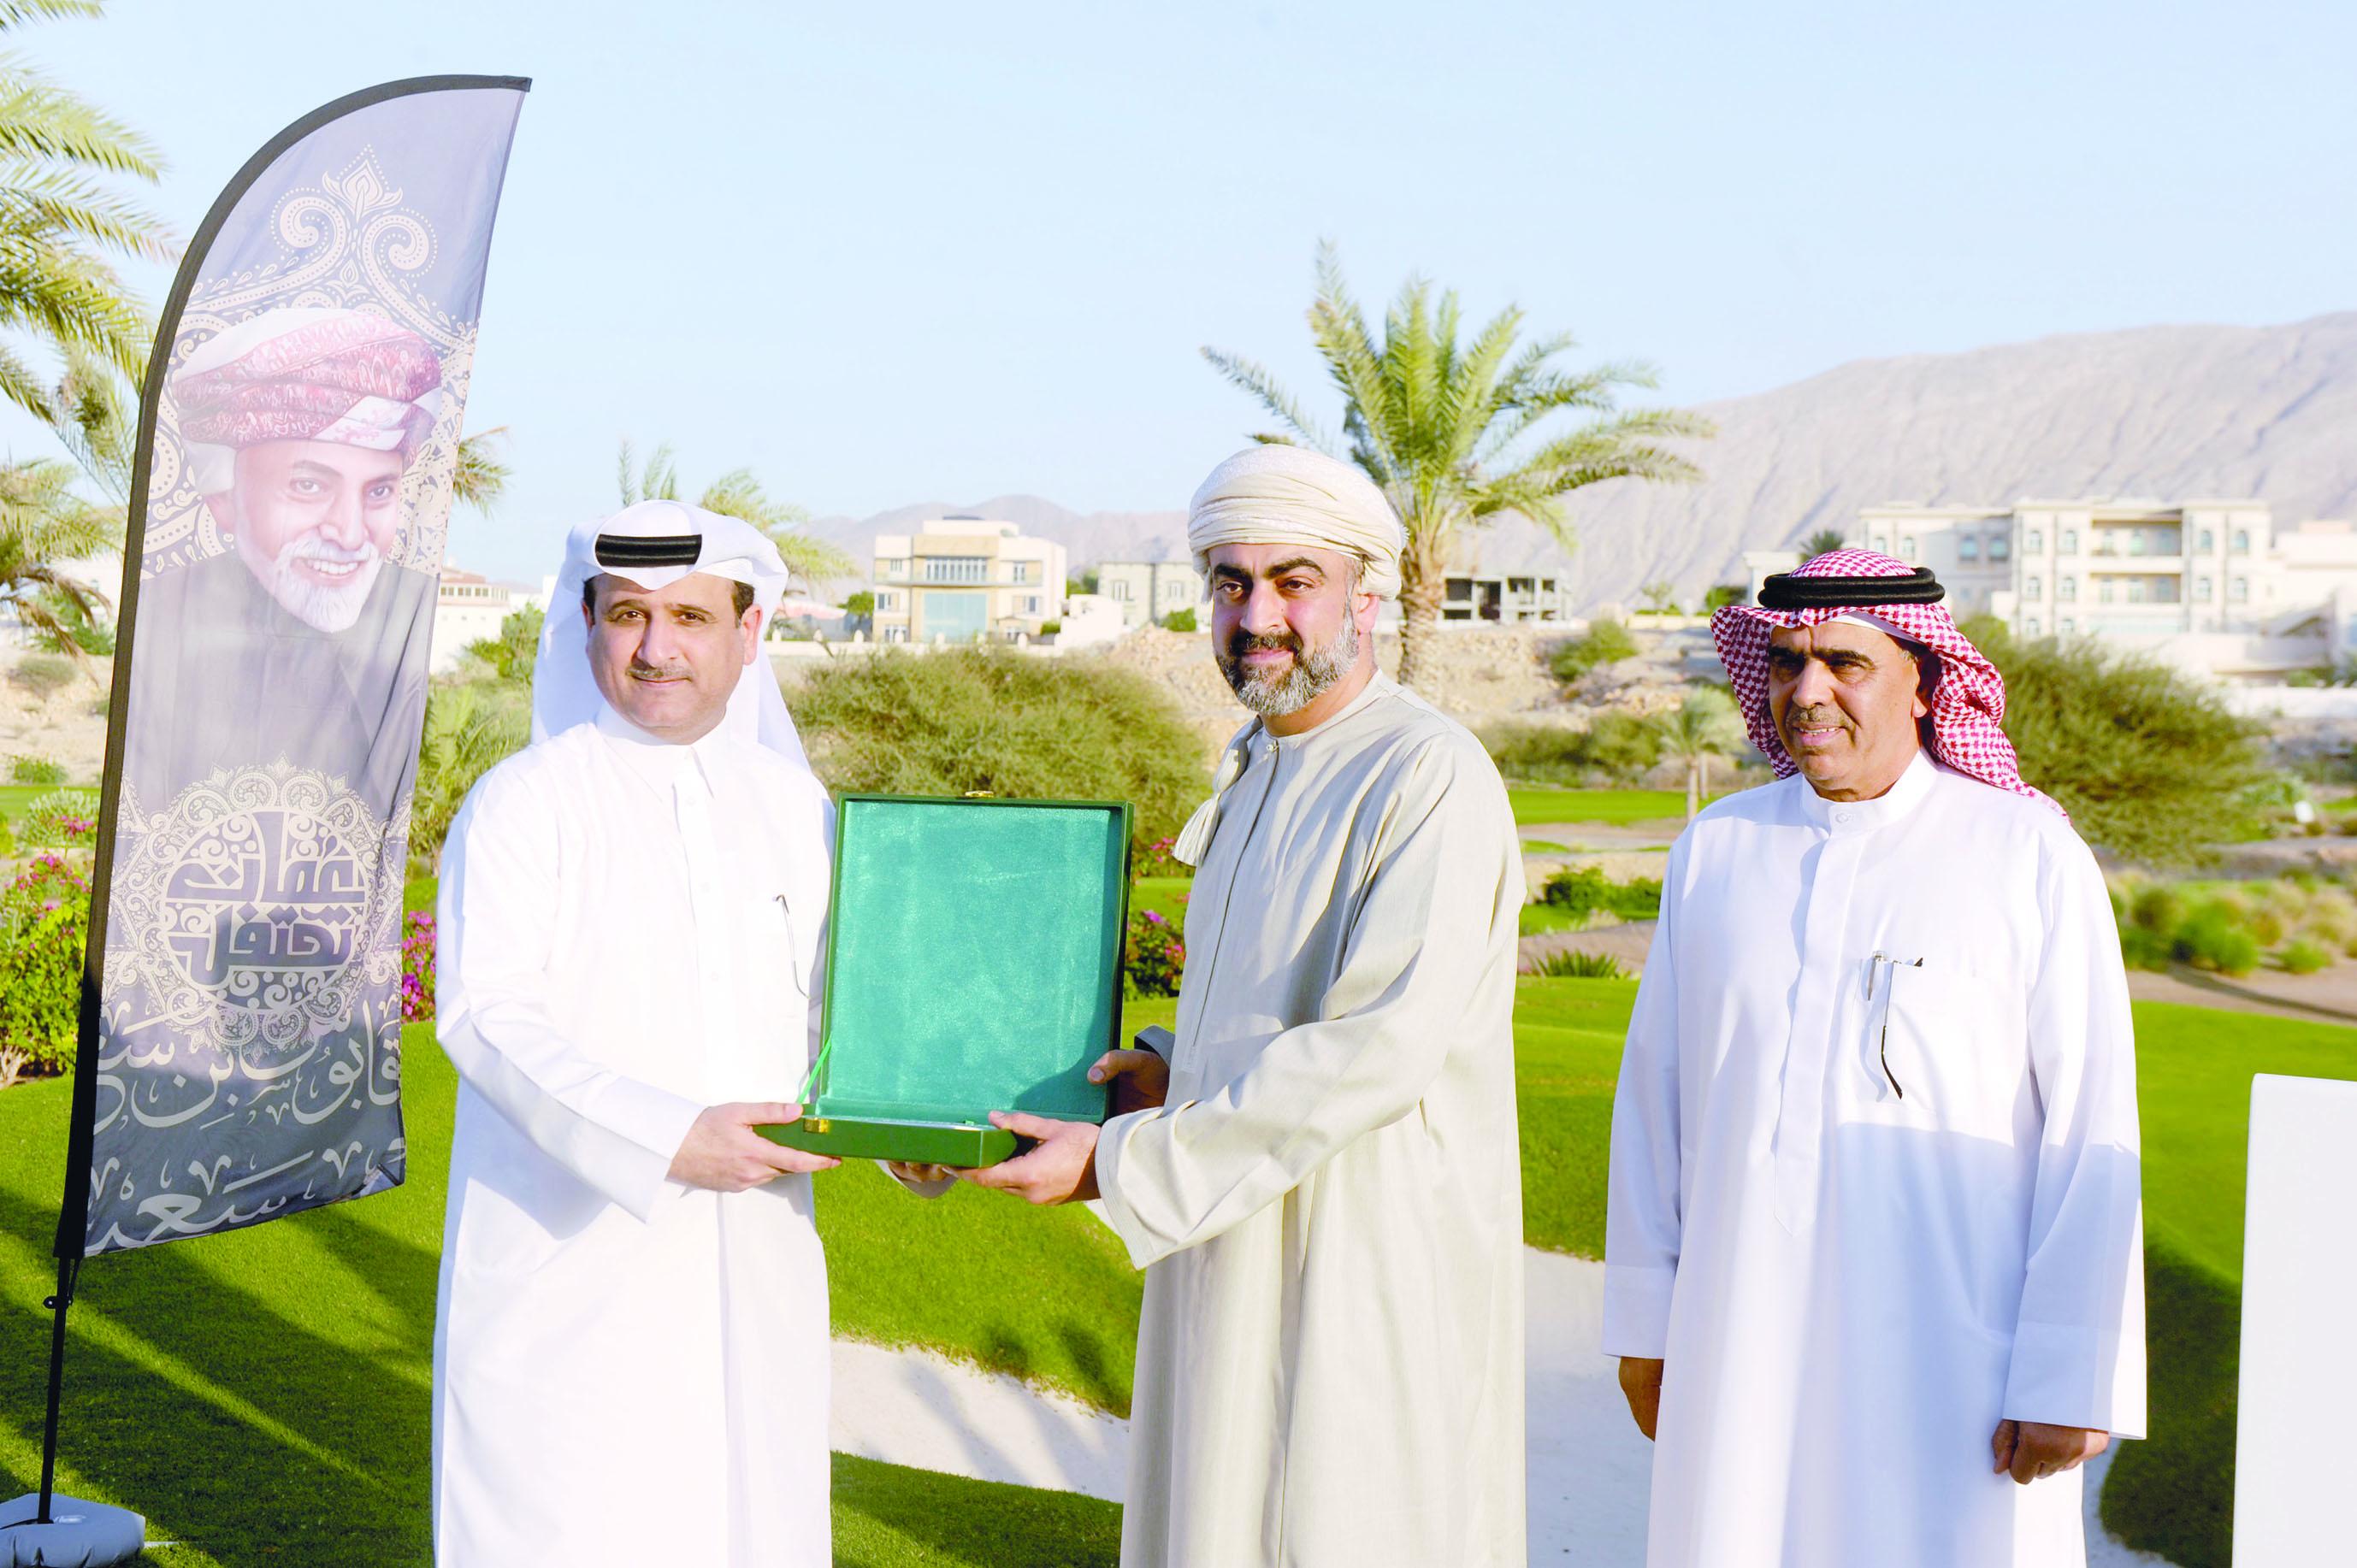 إثارة كبيرة في الجولة الأولىالسلطنة تترأس اللجنة التنظيمية الخليجية للجولف لـ 4 سنوات